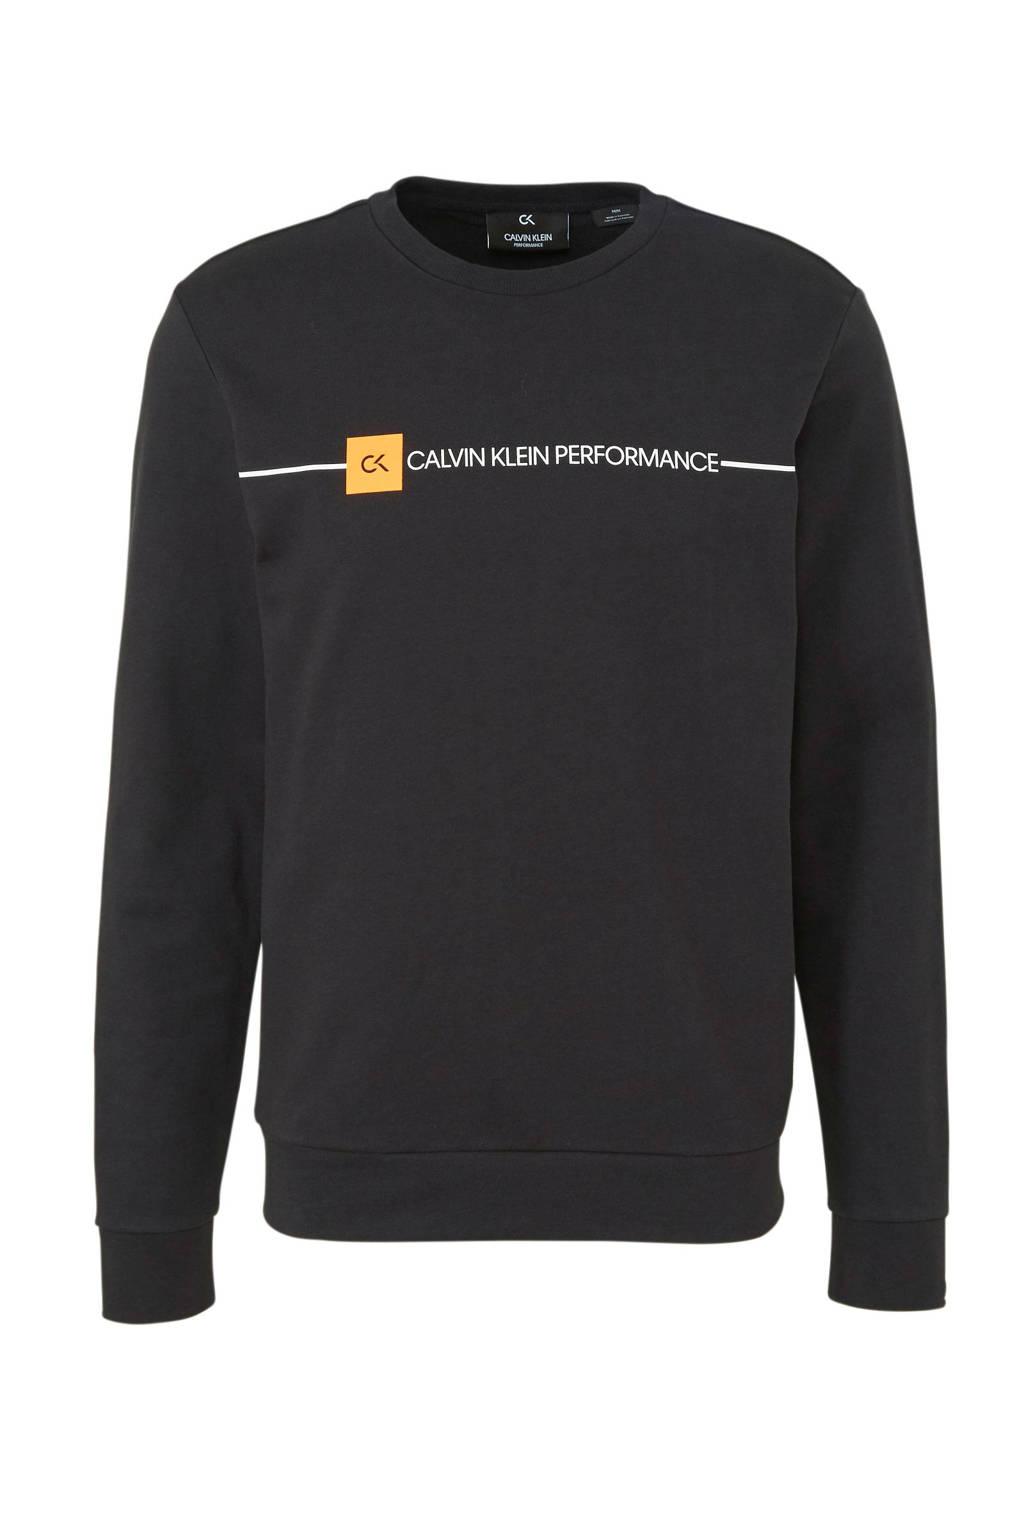 Calvin Klein Performance   sportsweater zwart, Zwart